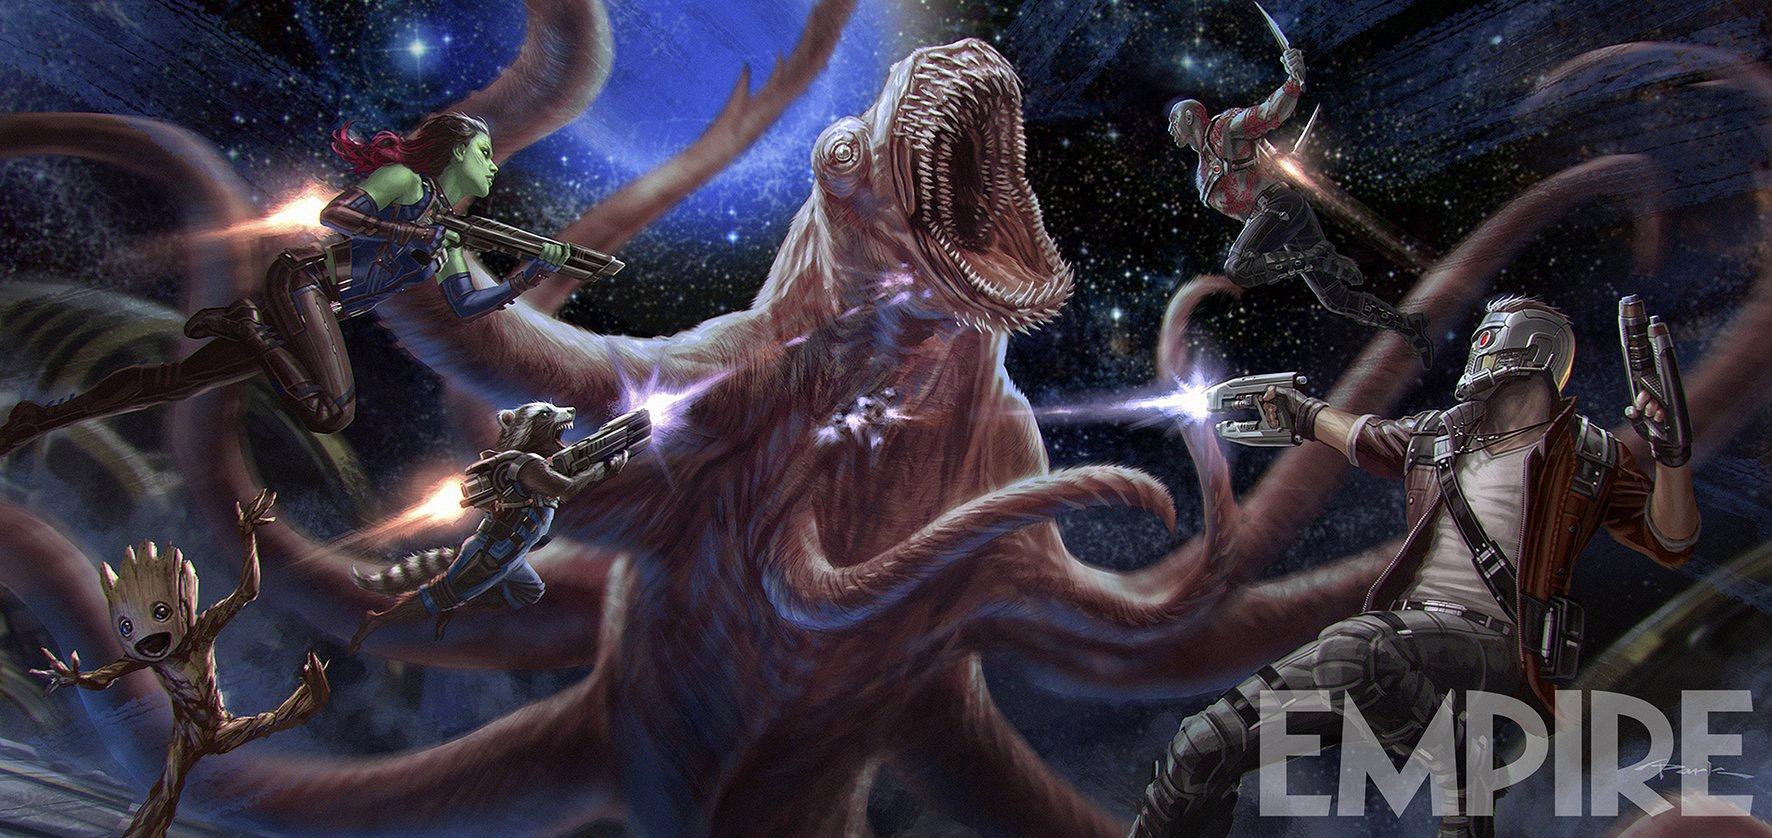 guardians of the galaxy vol. 2 concept art